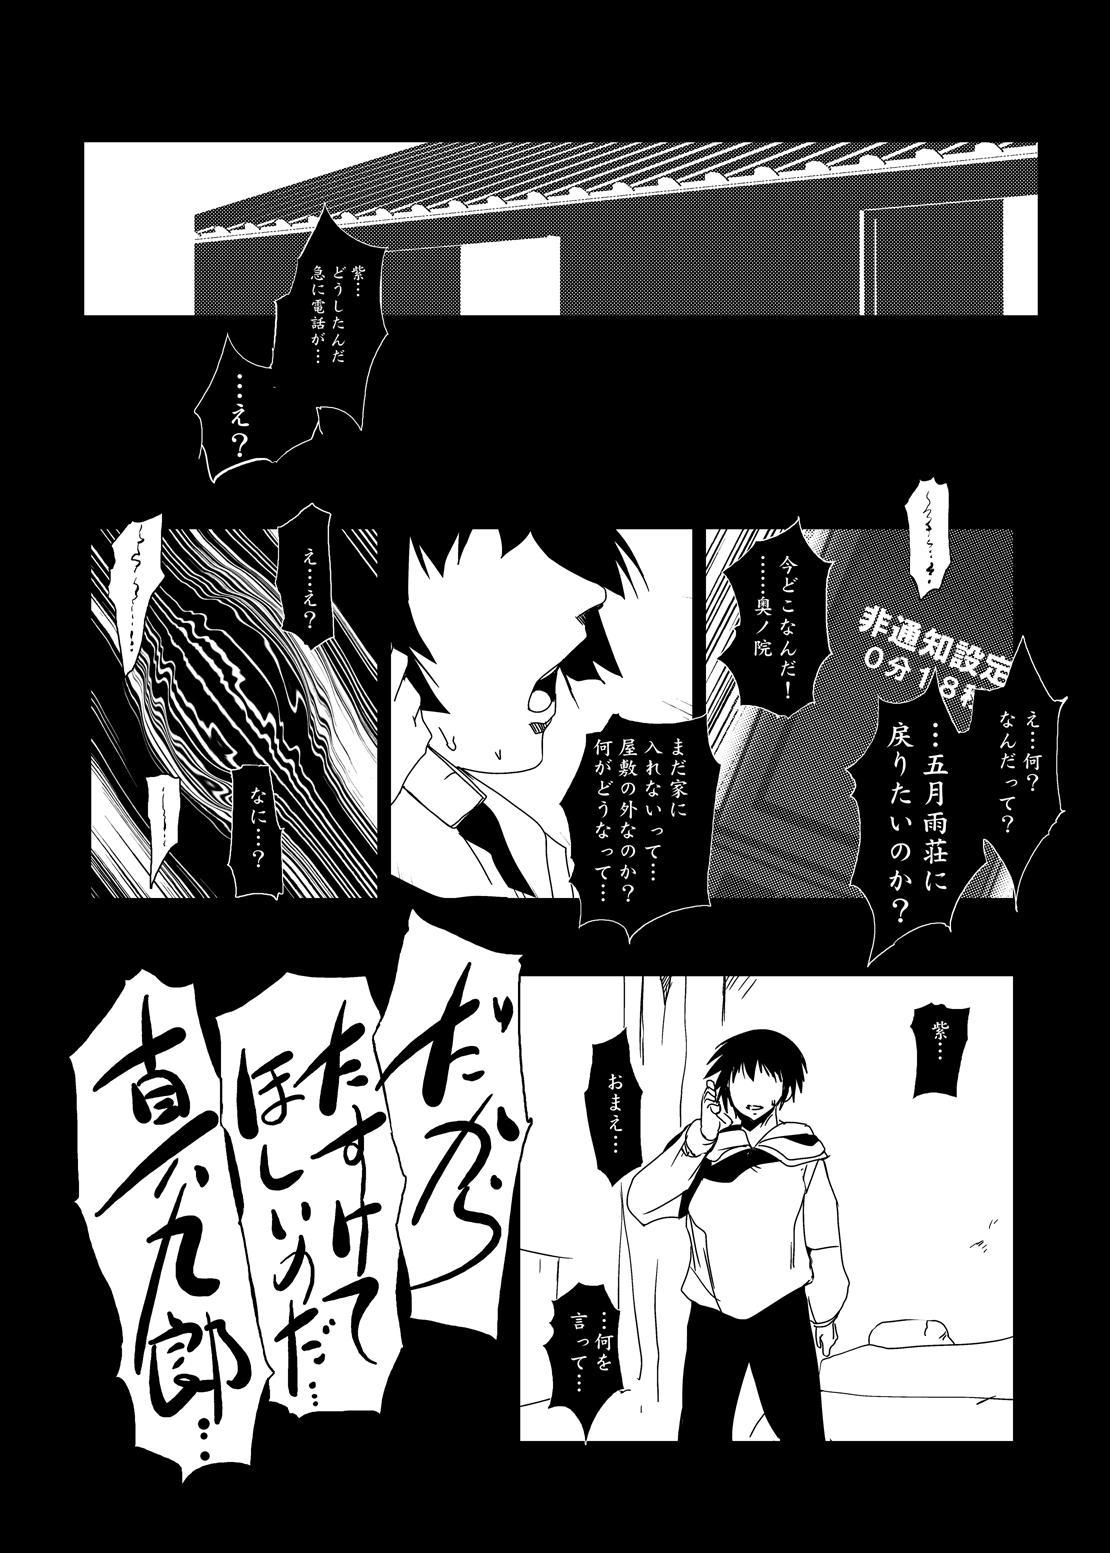 Murasaki no Iro - Kuhouin Murasaki Bon Soushuuhen 2 42